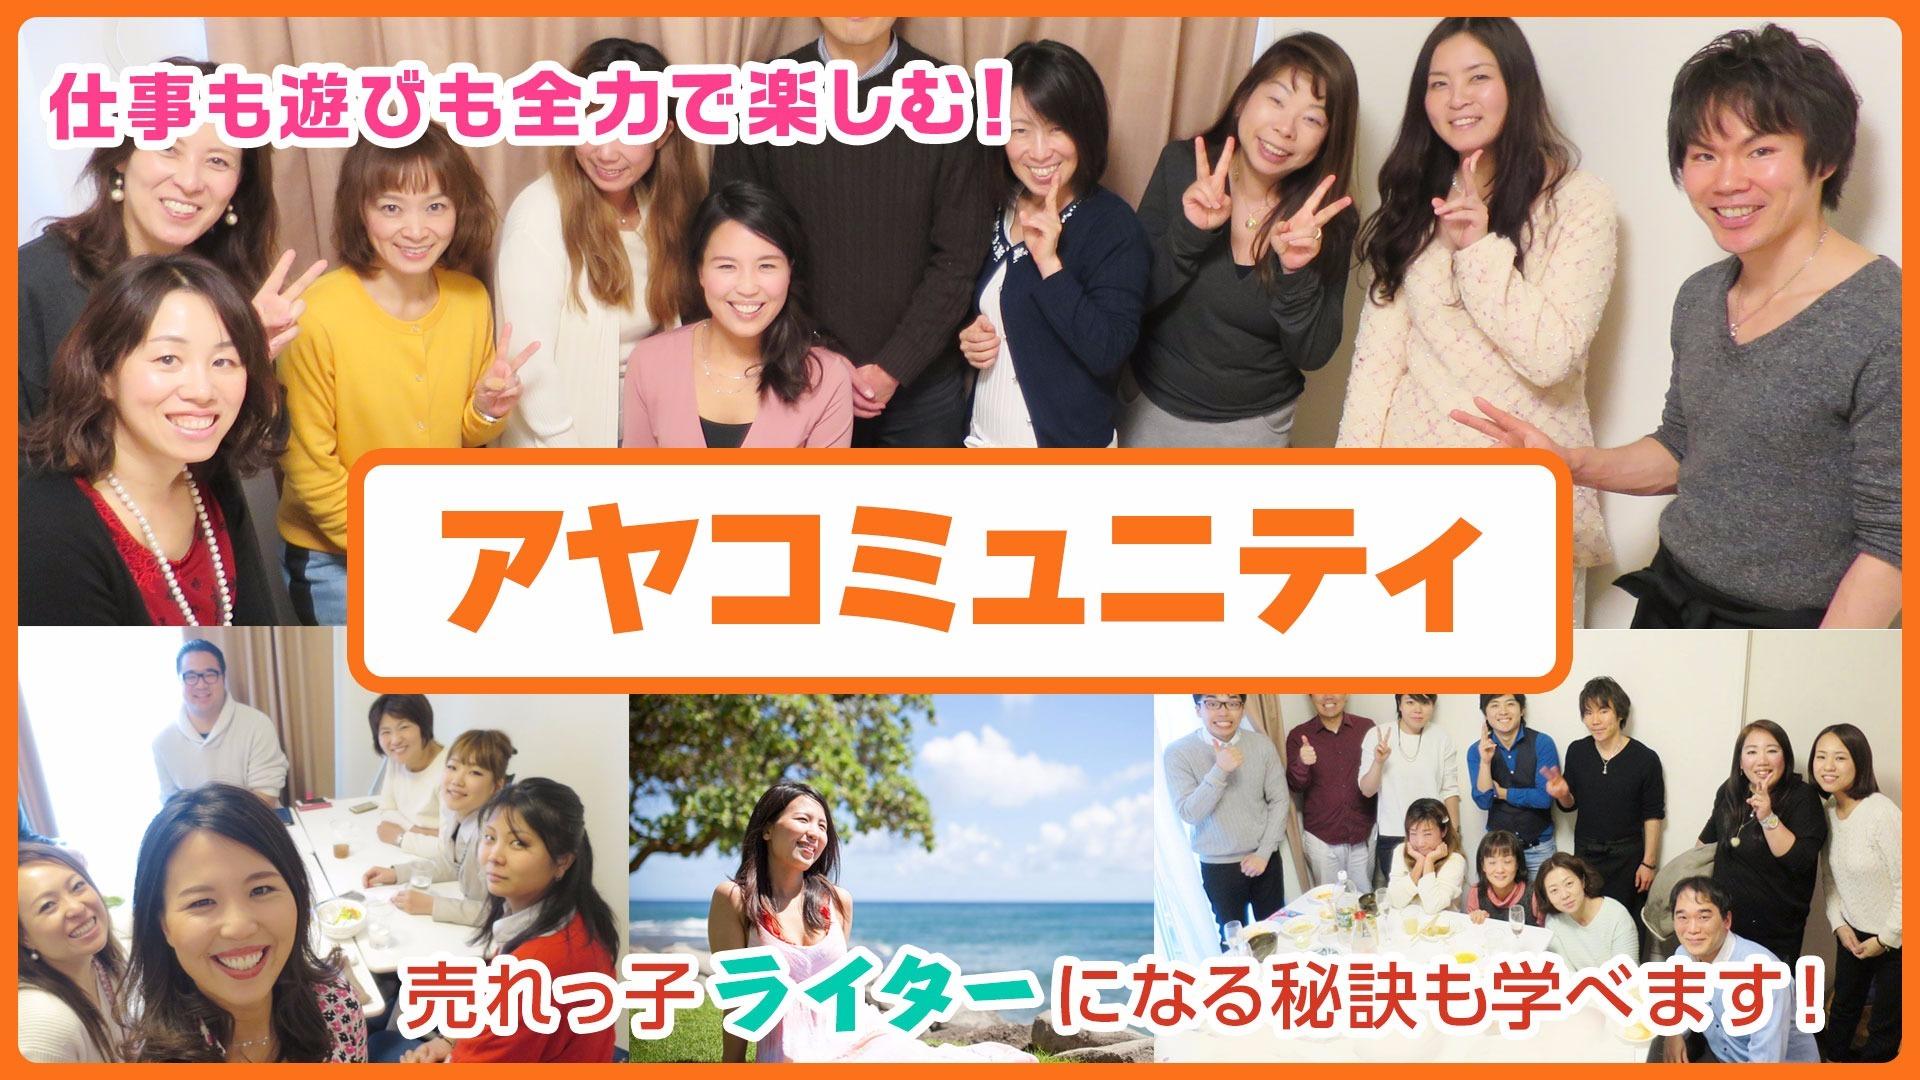 仕事も遊びも全力で楽しむ!橋本絢子の「アヤコミュニティ」